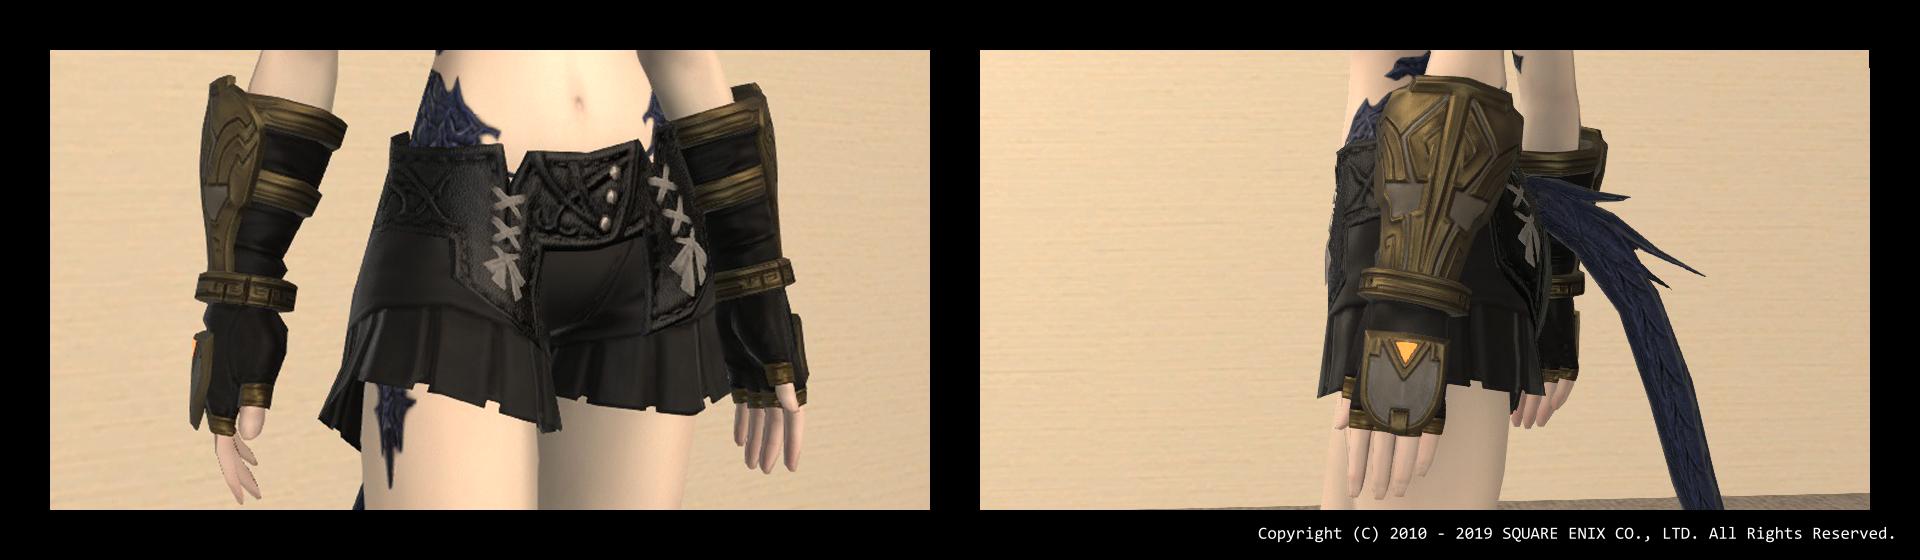 440-brdmchdnc-hands